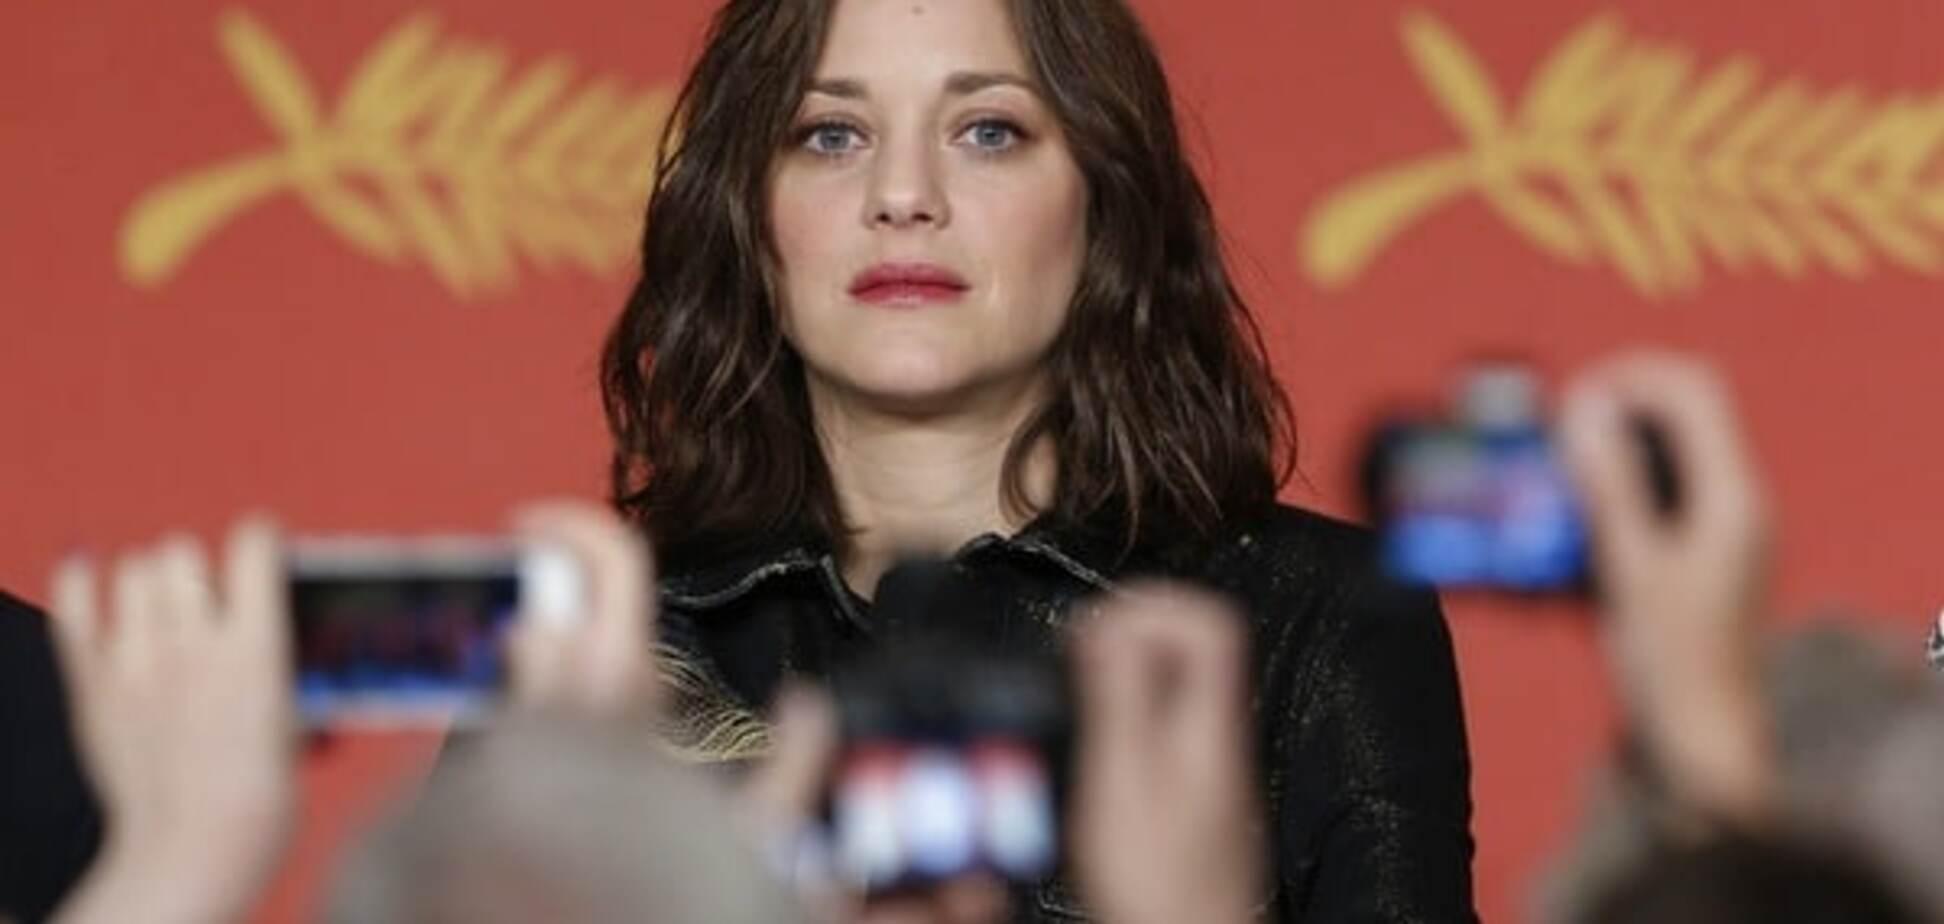 Маріон Котійяр шокована звинуваченнями в причетності до розлучення Джолі і Пітта